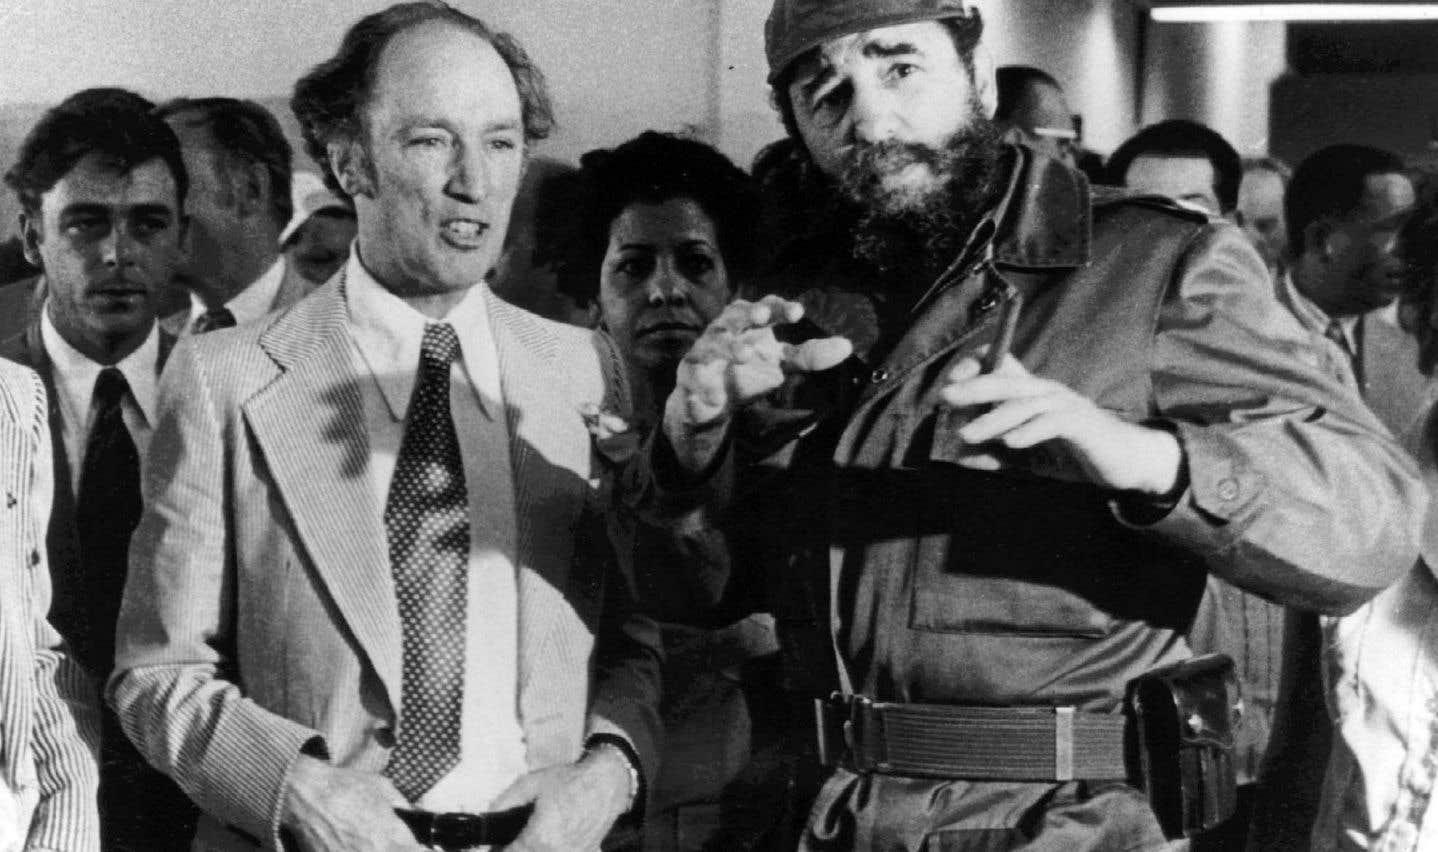 Pierre Elliott Trudeau en compagnie de Fidel Castro à La Havane, le 27 janvier 1976